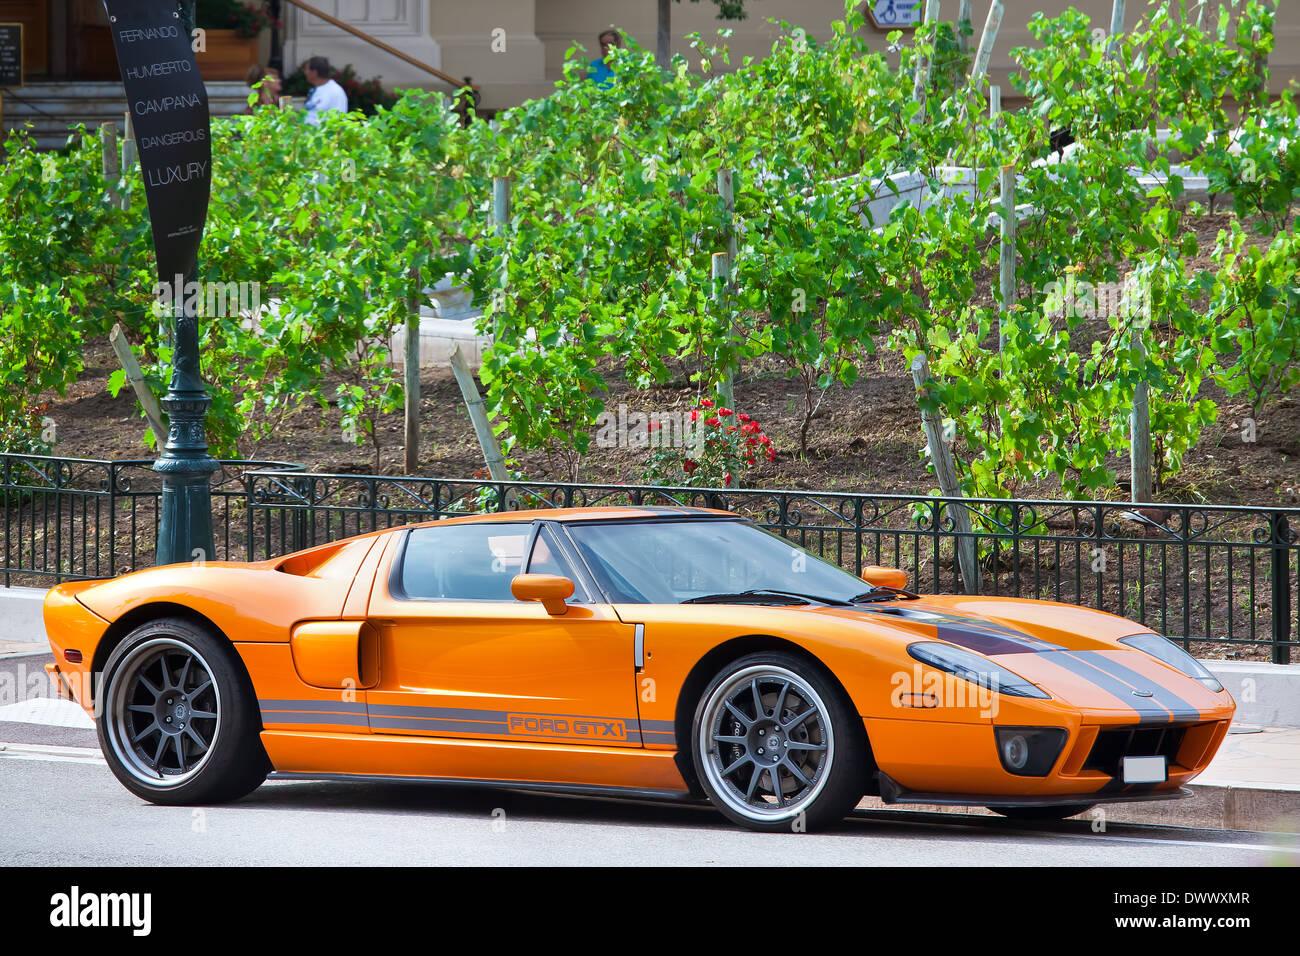 Luxus-Auto auf der Straße in Monte Carlo, Monaco. Stockbild